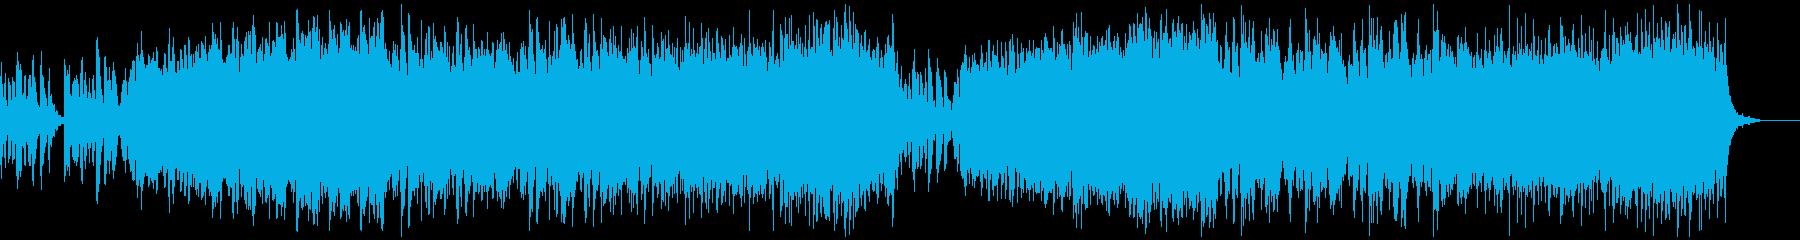 クラシカルなオーケストラの再生済みの波形